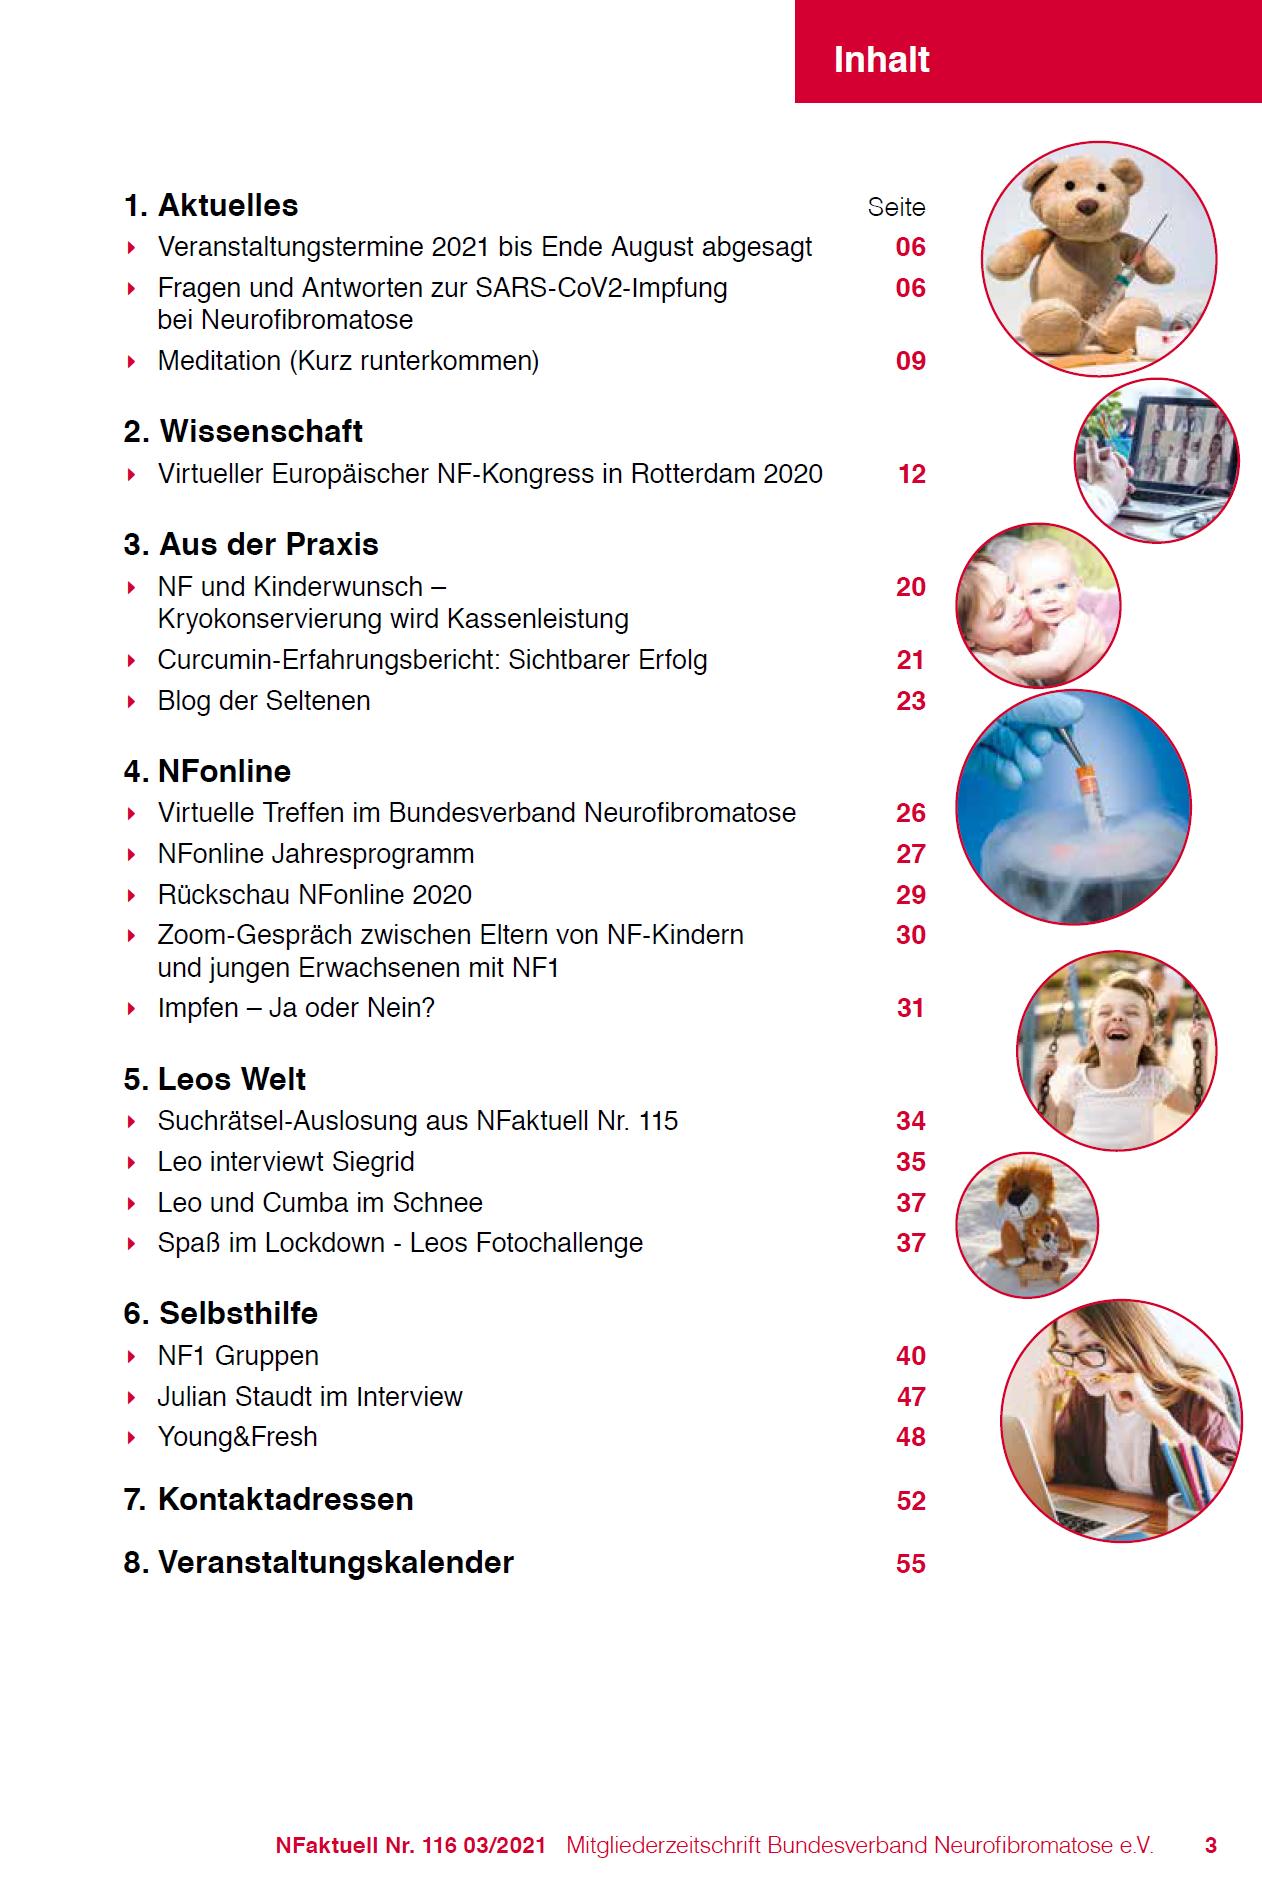 NFaktuell Mitgliederzeitschrift Bundesverband Neurofibromatose Nr 116 März 2021